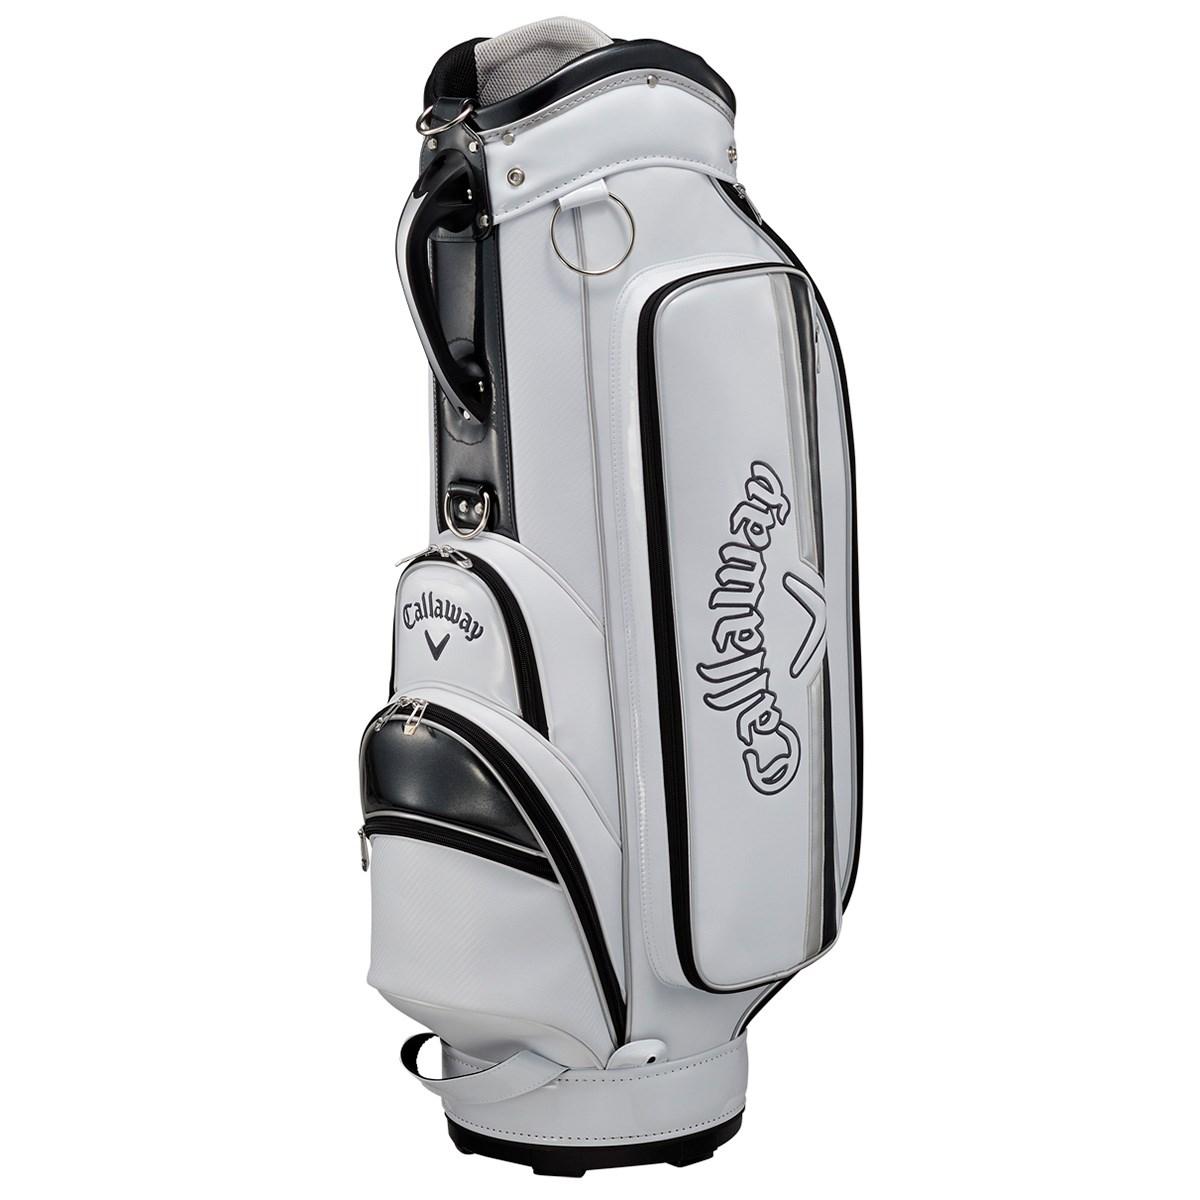 キャロウェイゴルフ Callaway Golf SOLID JM キャディバッグ ホワイト/シルバー